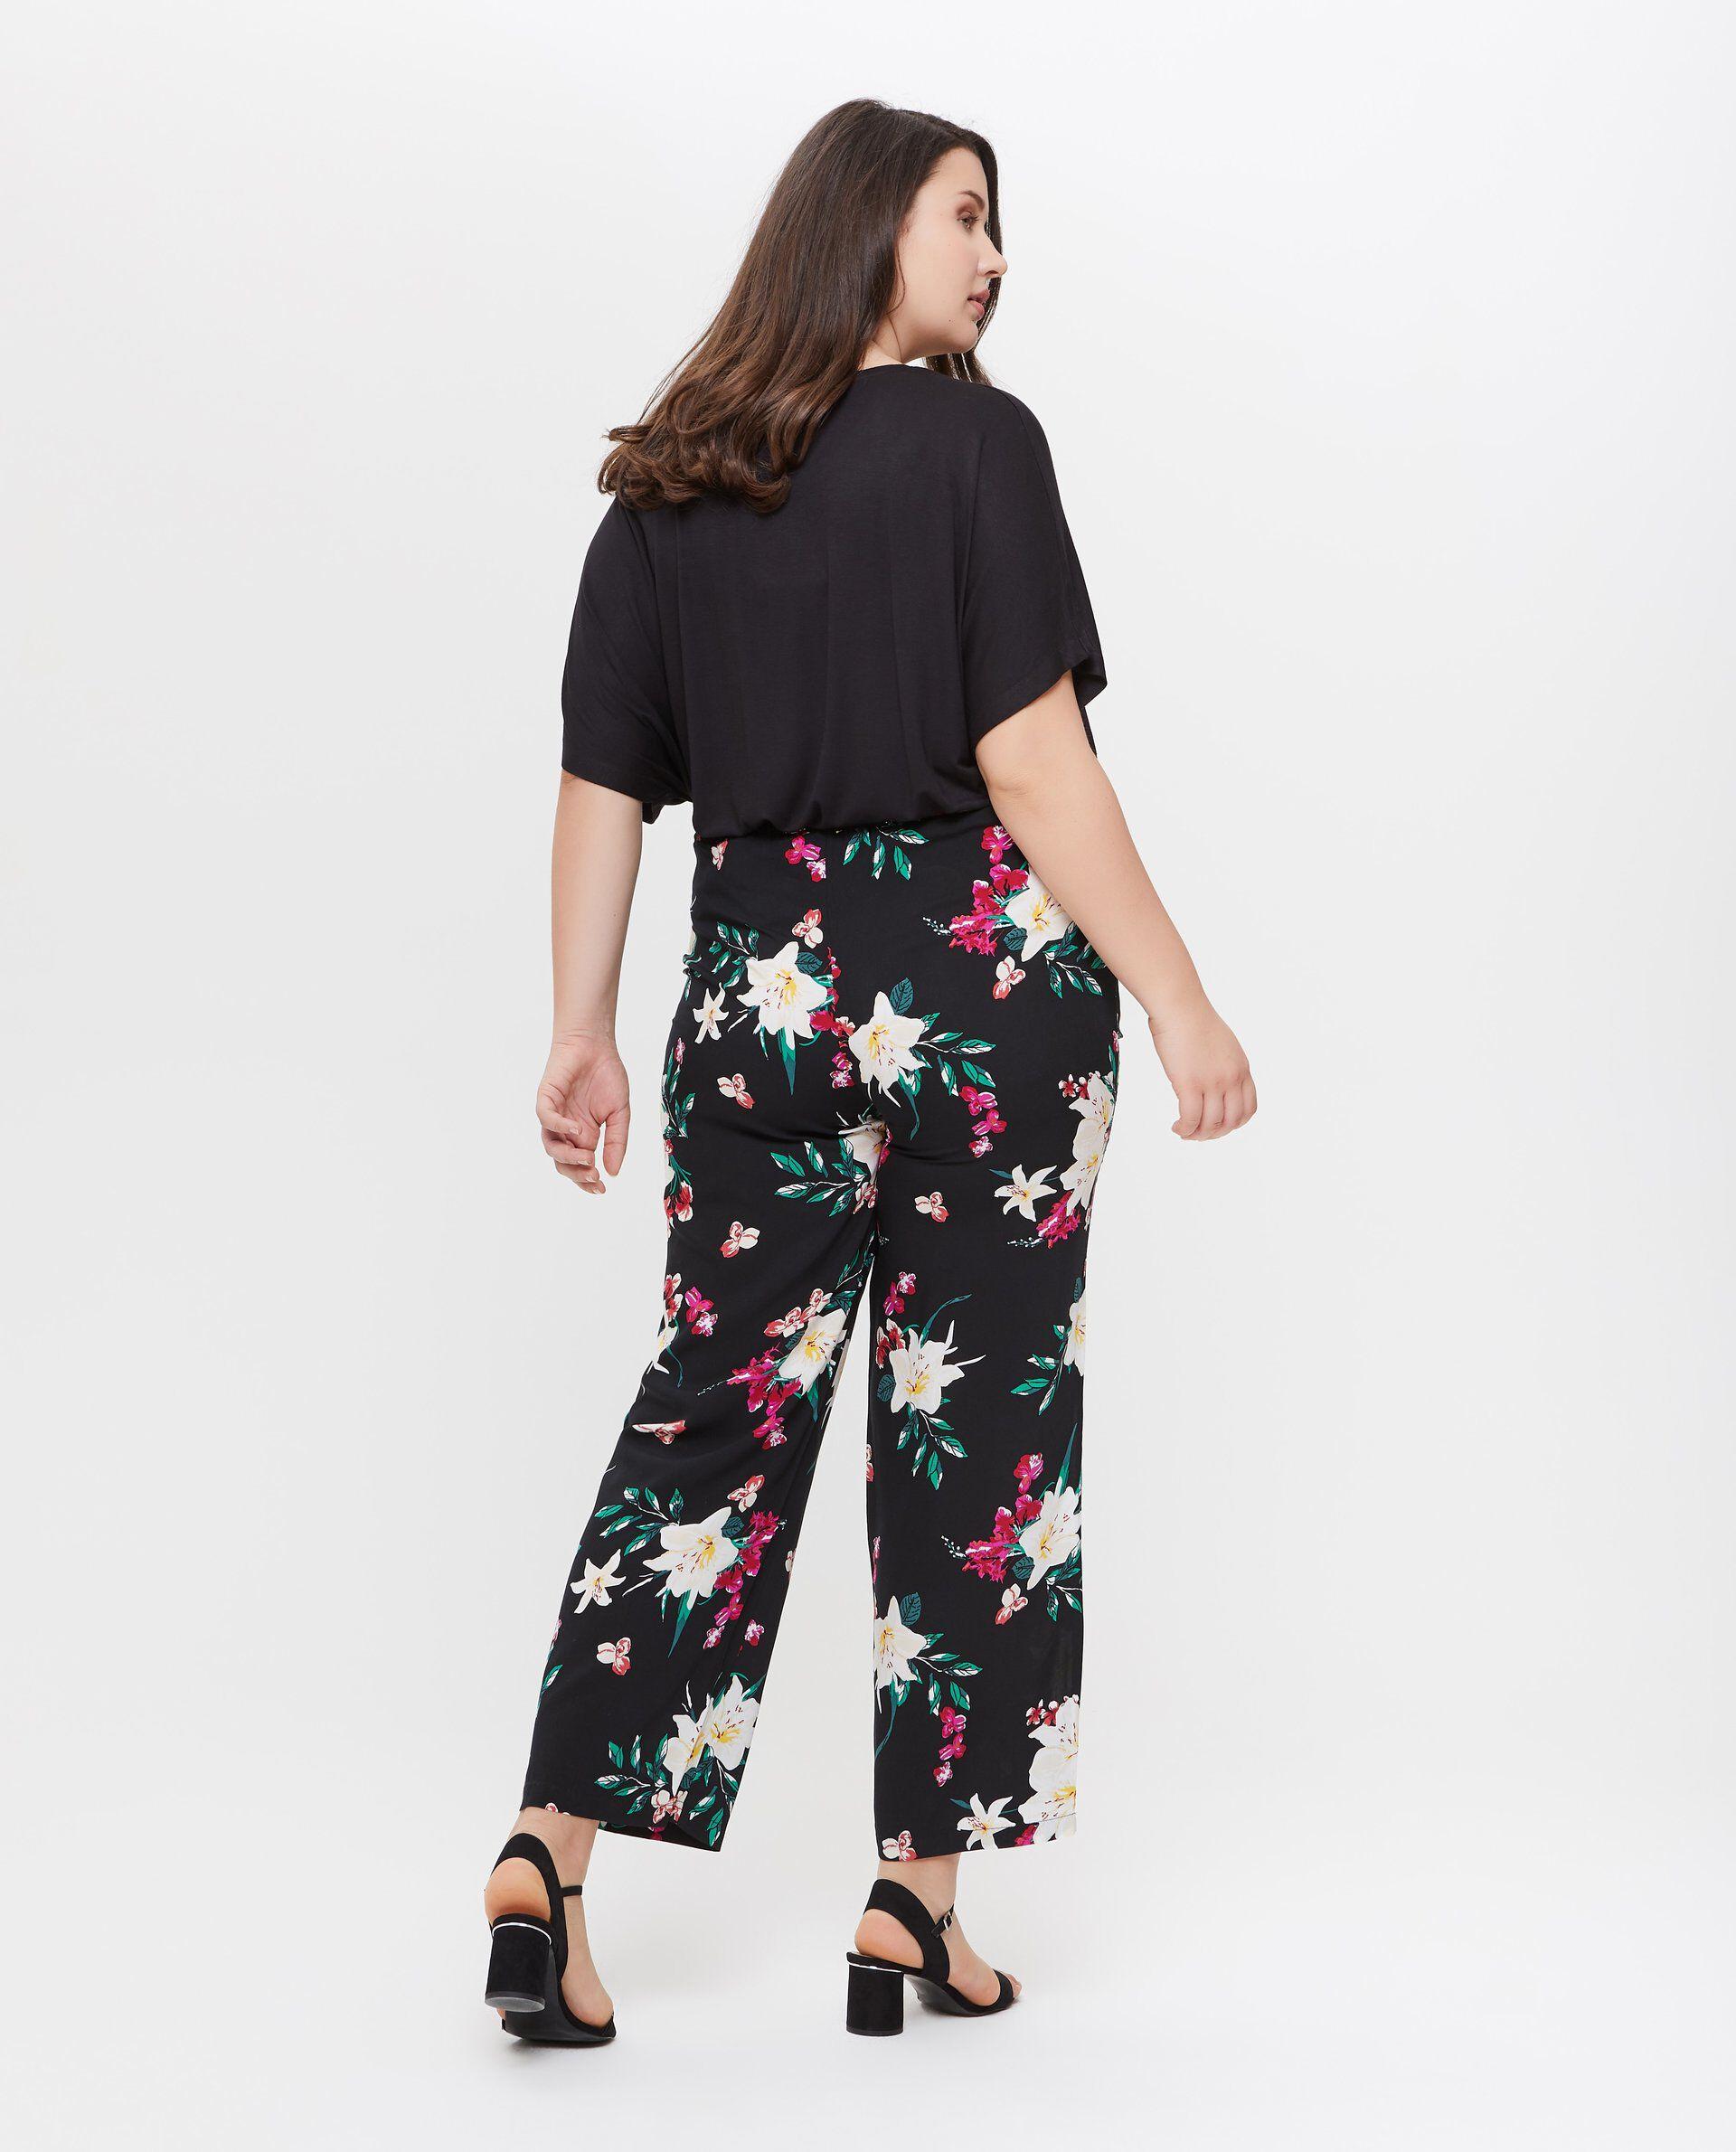 Pantaloni in pura viscosa con fantasia floreale Curvy donna